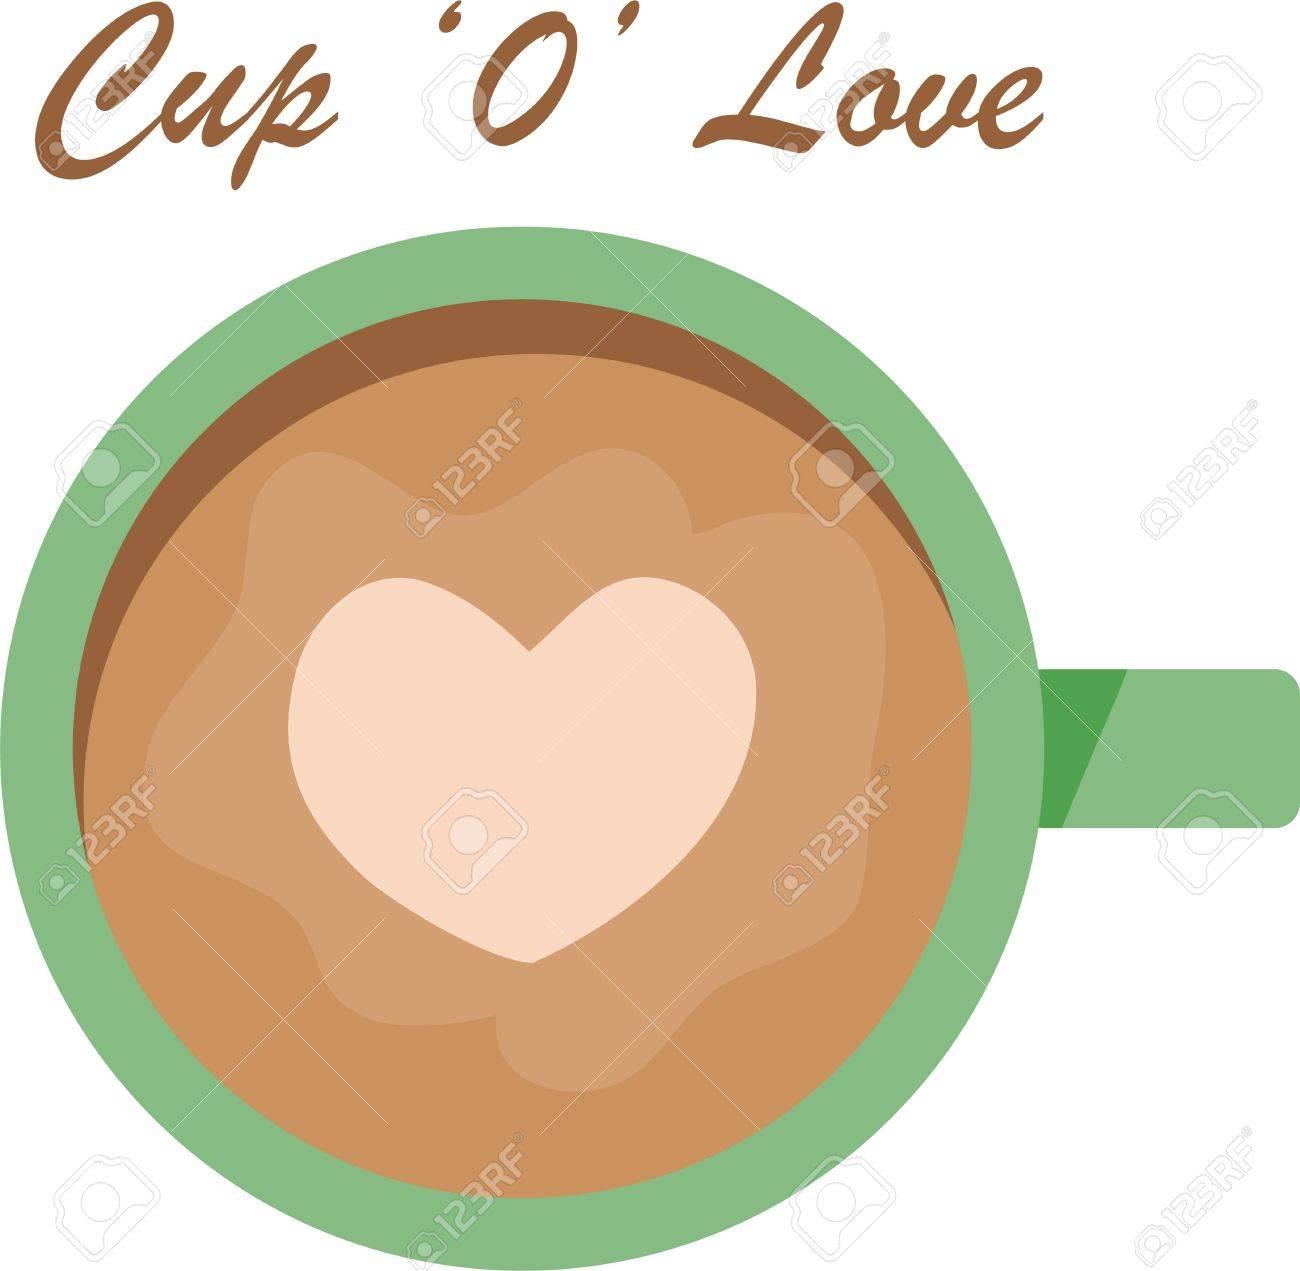 Verwenden Sie Diese Herz Kaffee Für Einen Guten Morgen Shirt